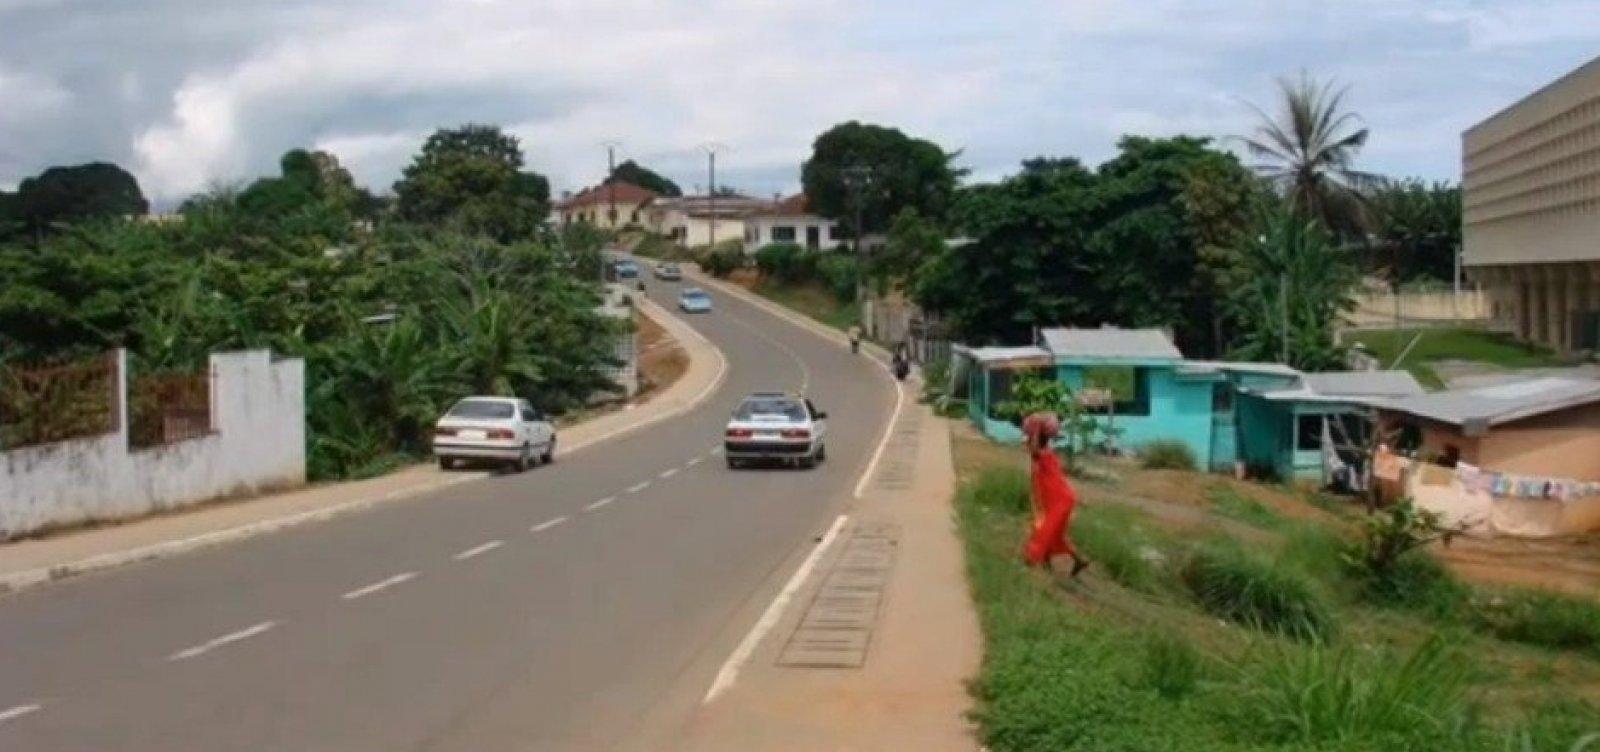 [Maior cidade da Guiné Equatorial completa três semanas sem água]